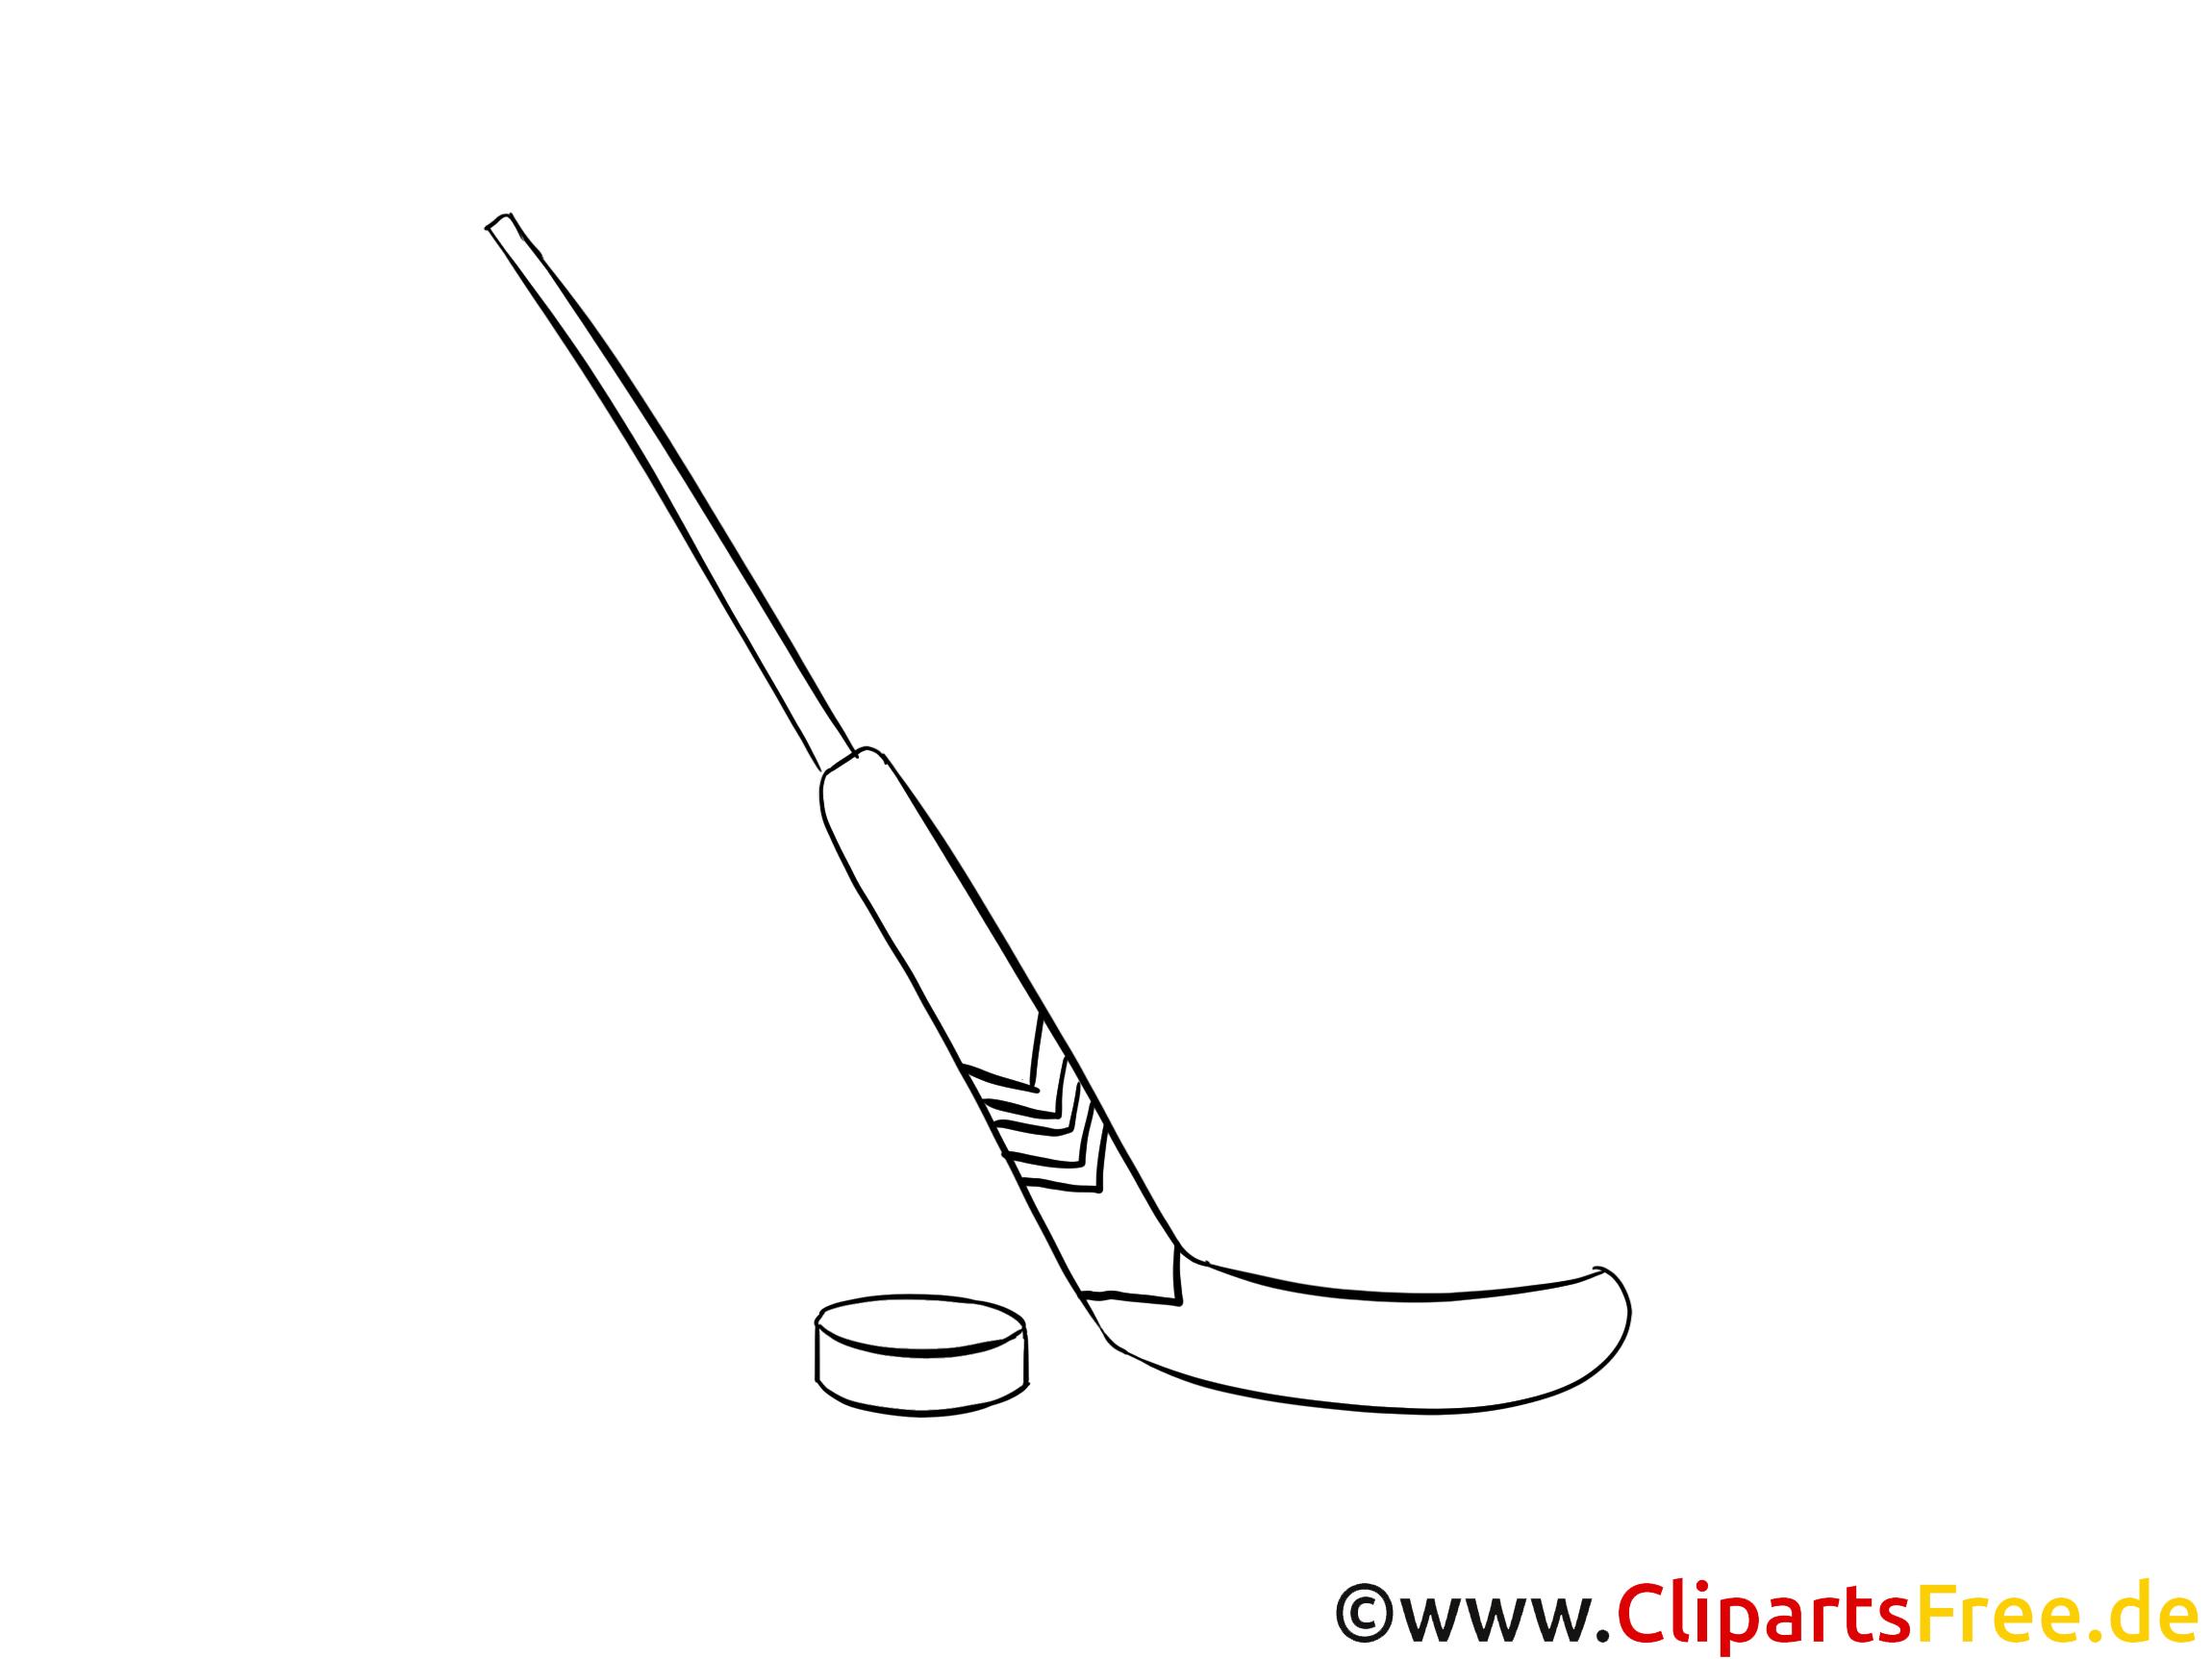 puk und schläger eishockey wm bild zum ausmalen